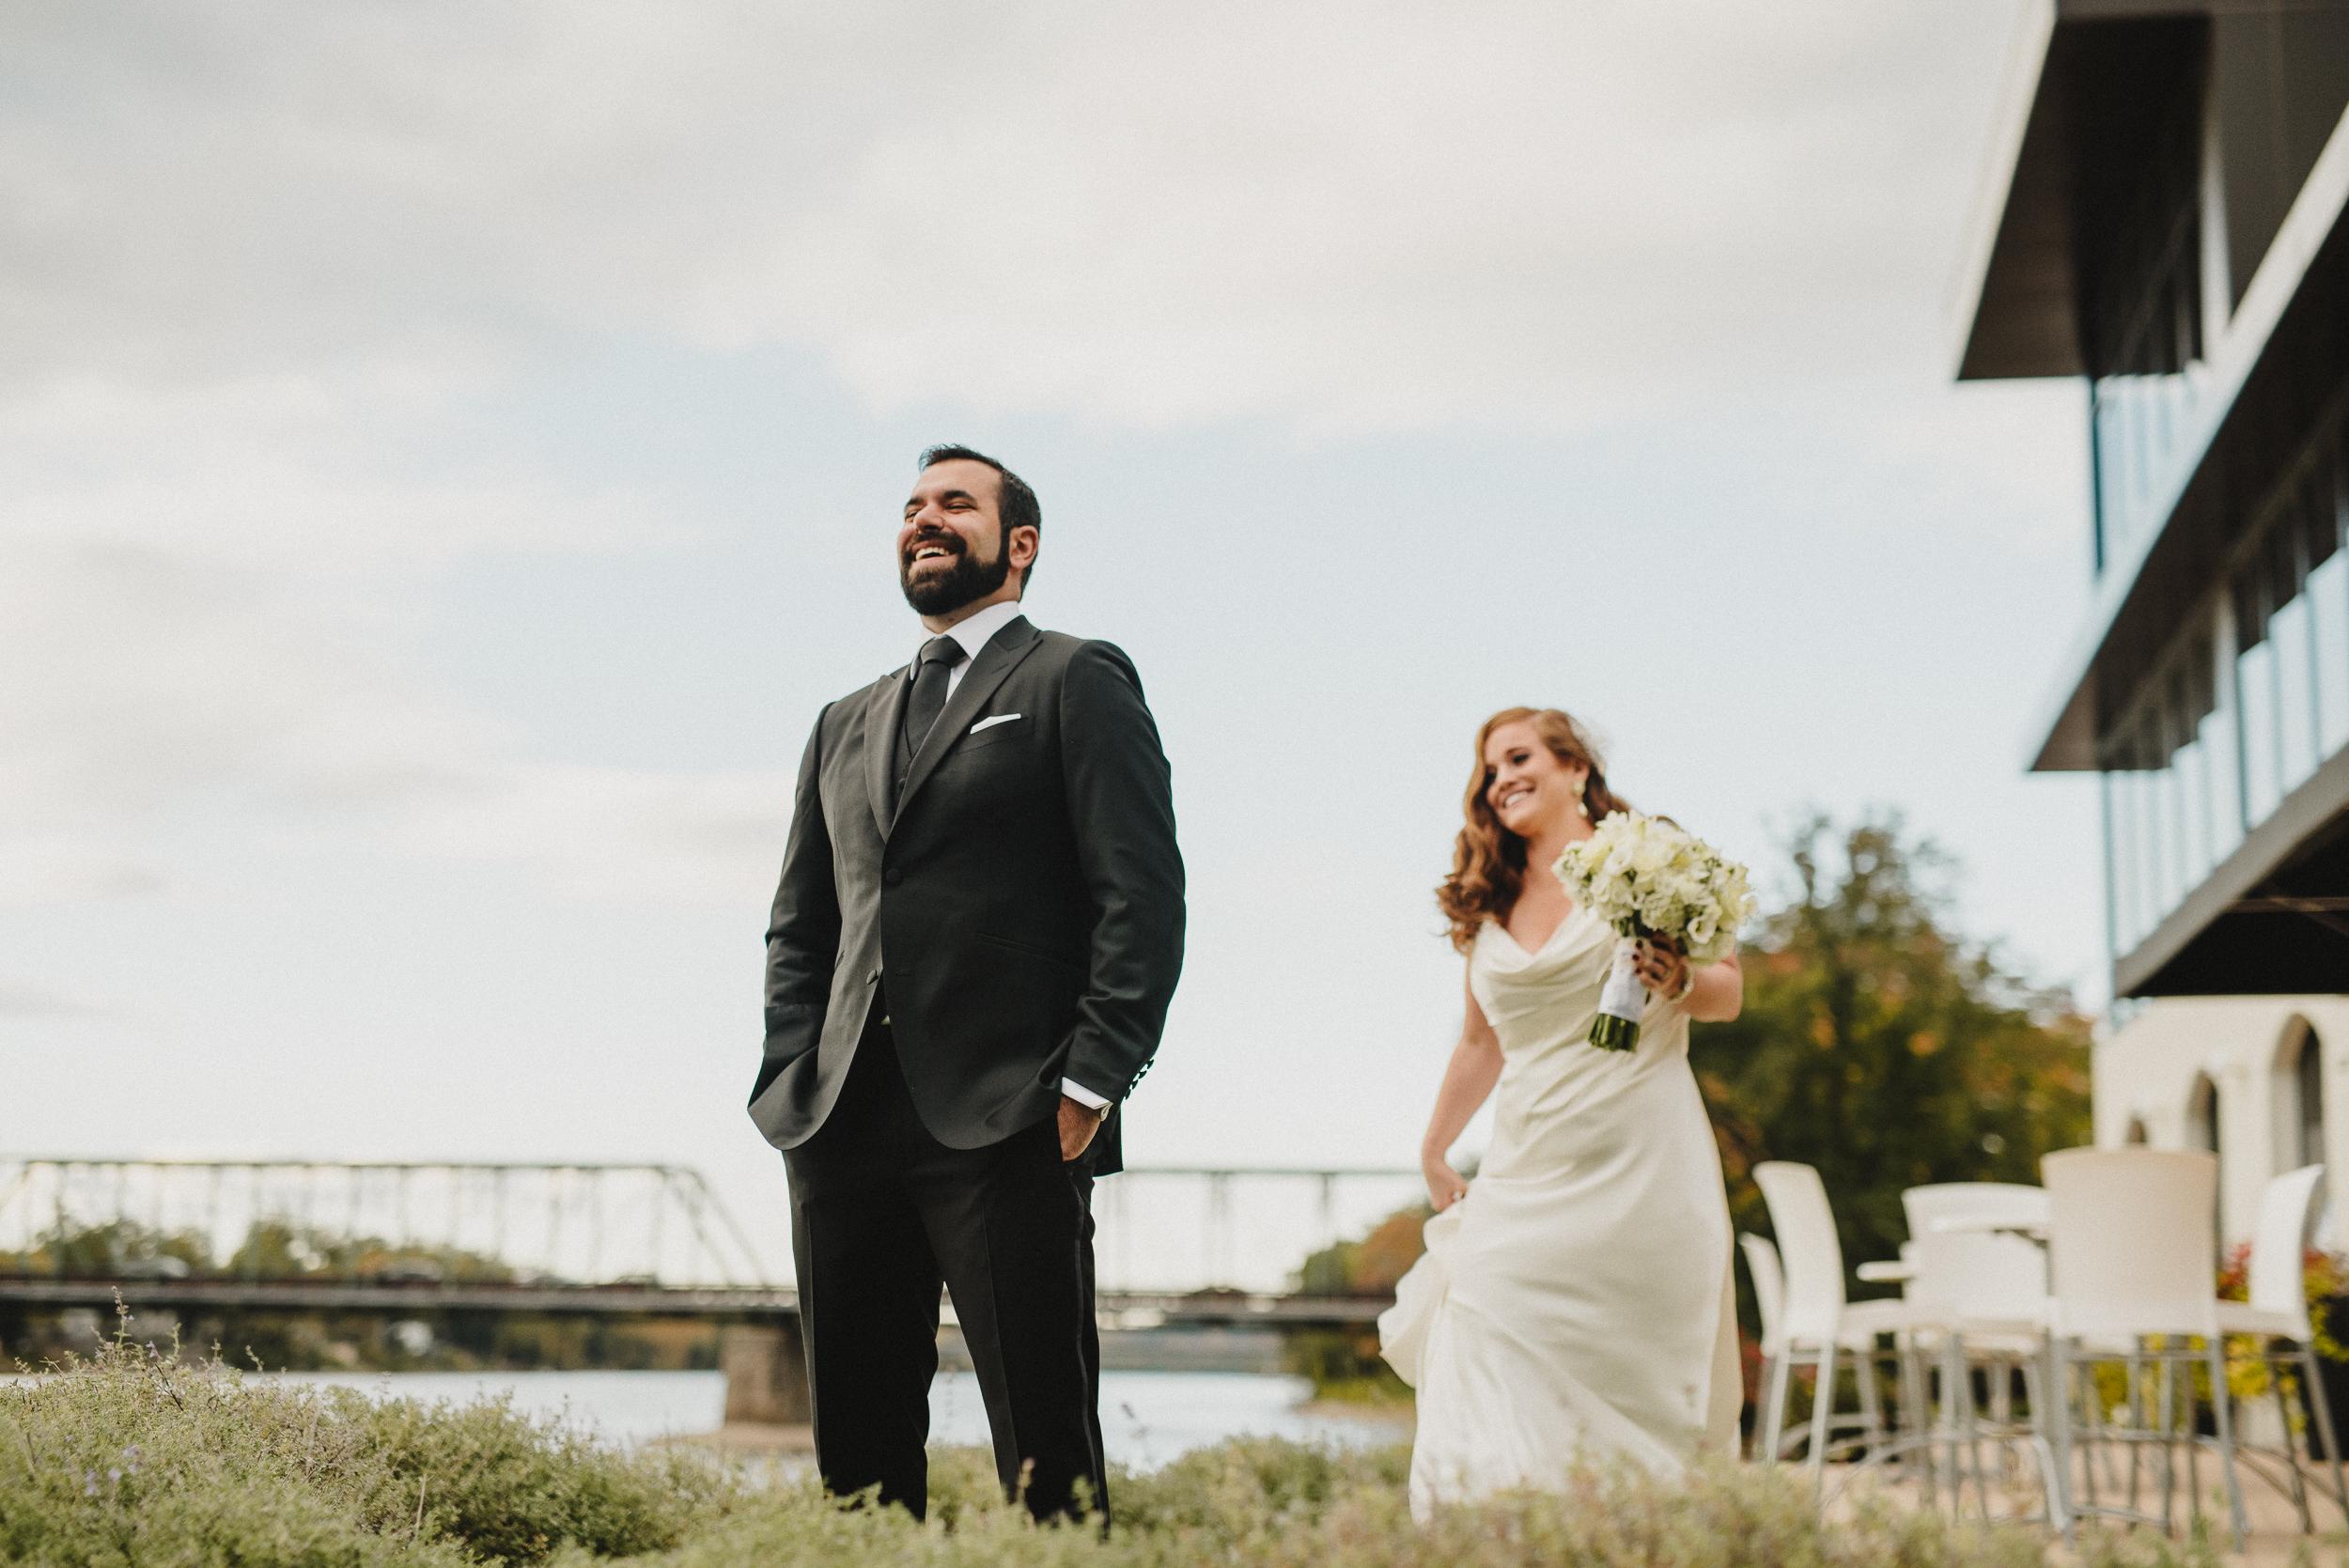 lambertville-station-wedding-photographer-16.jpg